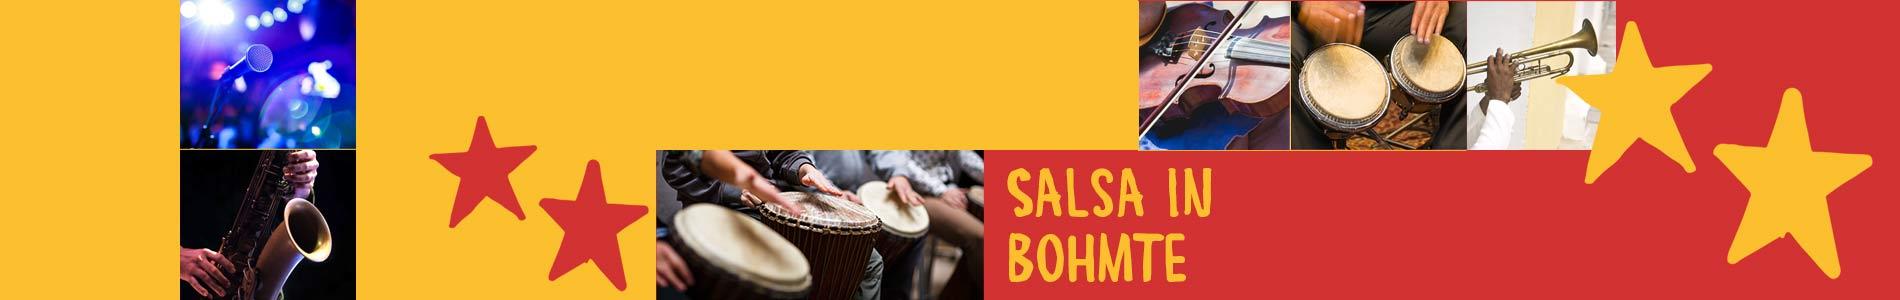 Salsa in Bohmte – Salsa lernen und tanzen, Tanzkurse, Partys, Veranstaltungen